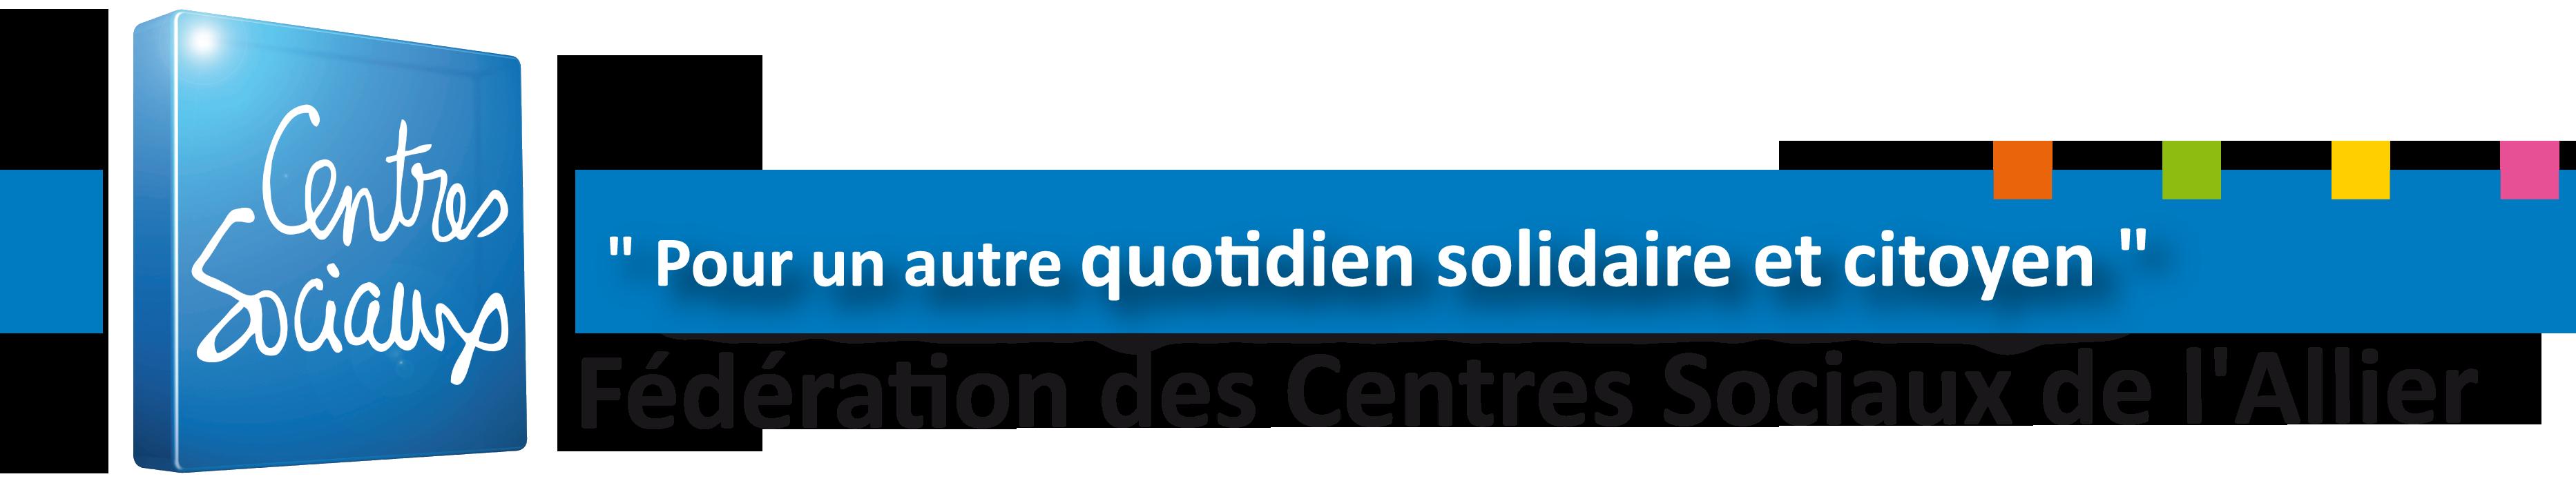 Fédération des centres sociaux de l'Allier